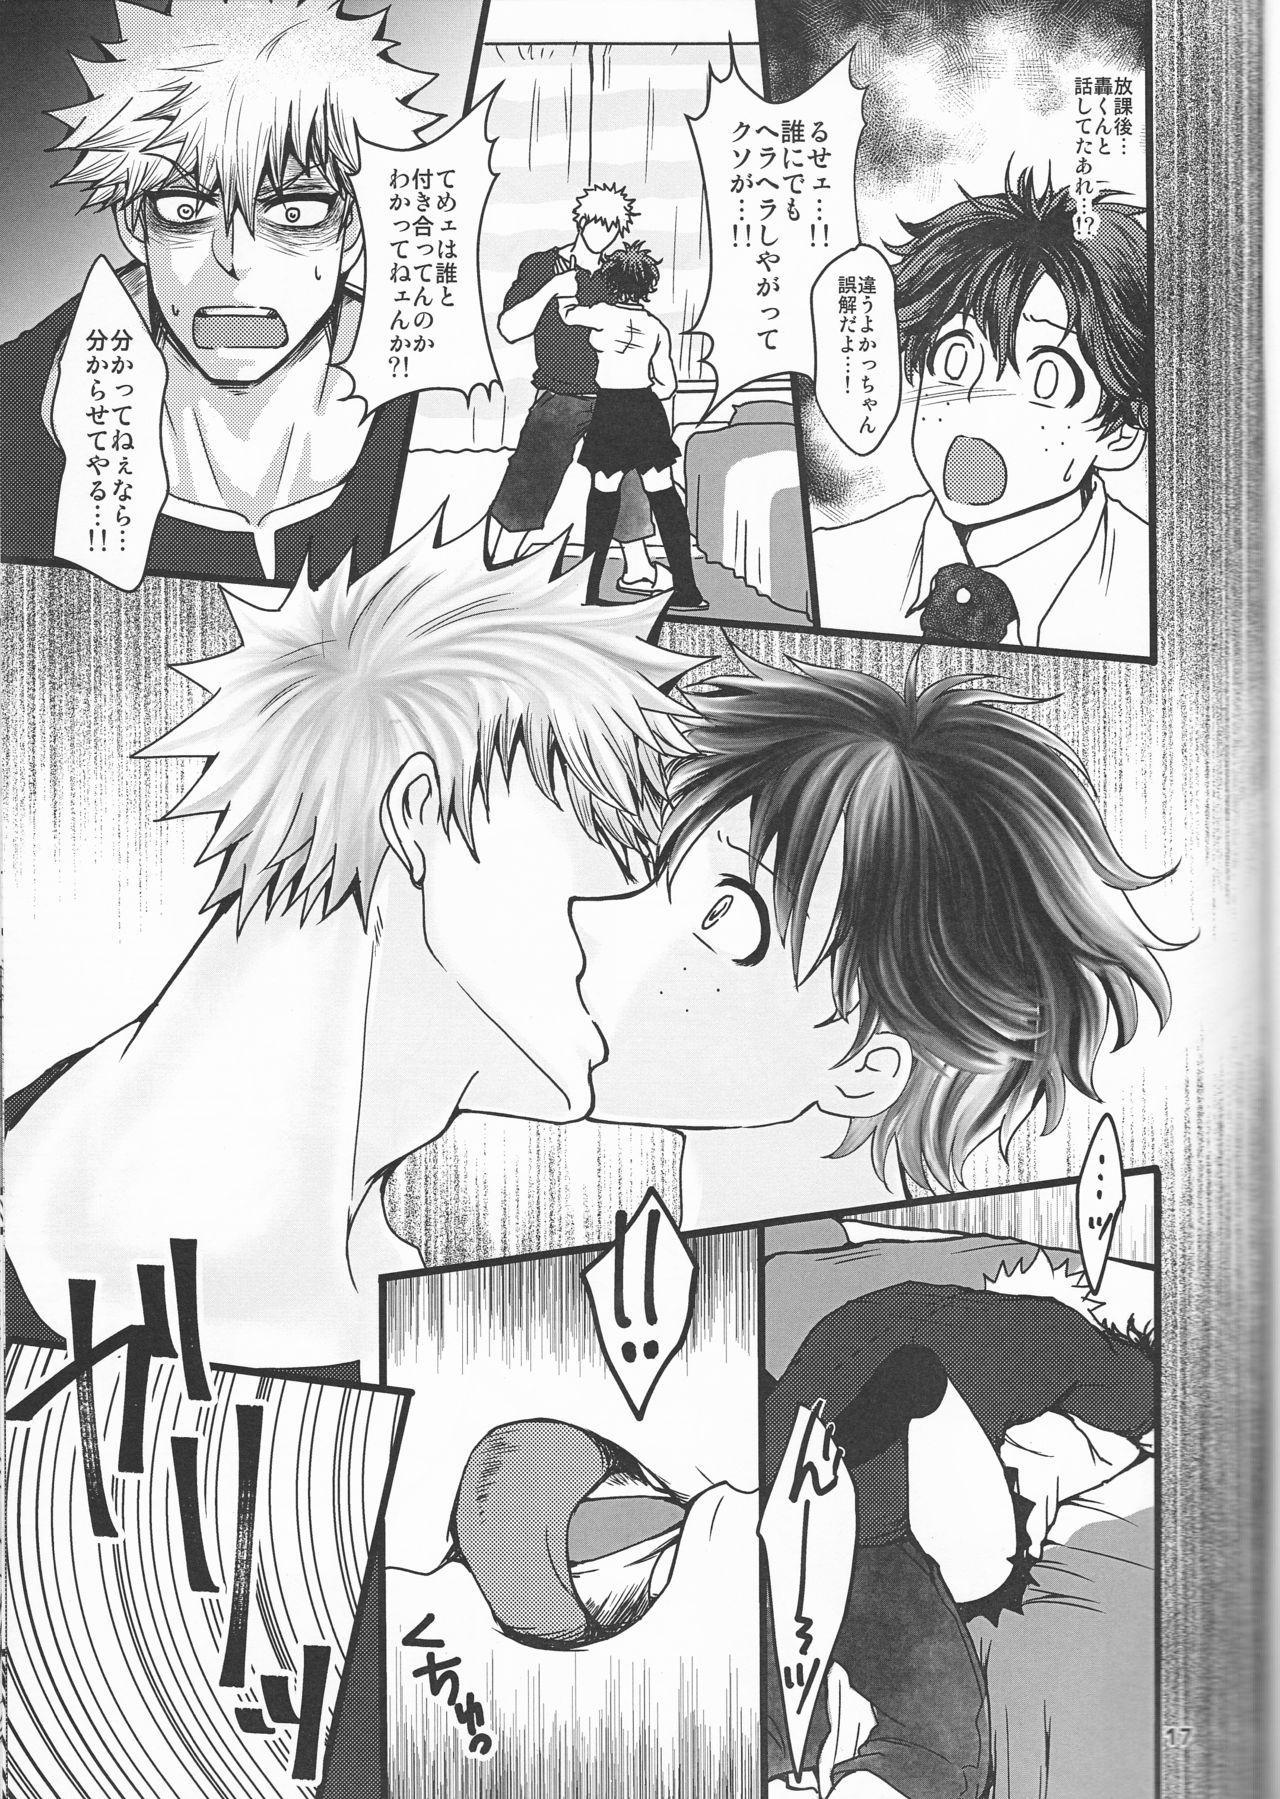 Super Darling Bakugou Katsuki 16